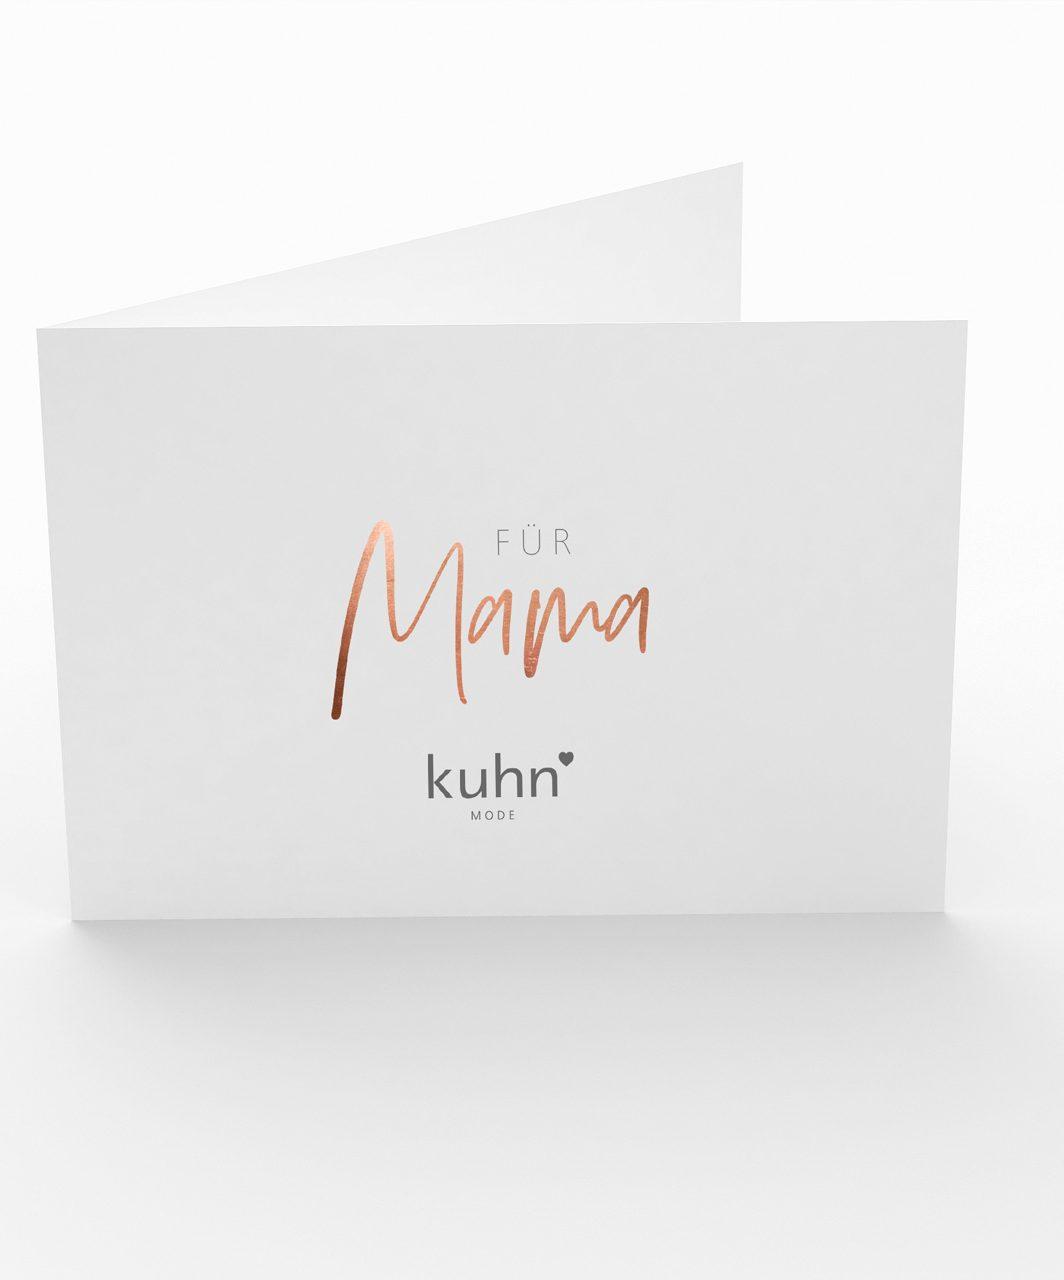 Modehaus Kuhn Bad Mergentheim Gutschein Mama